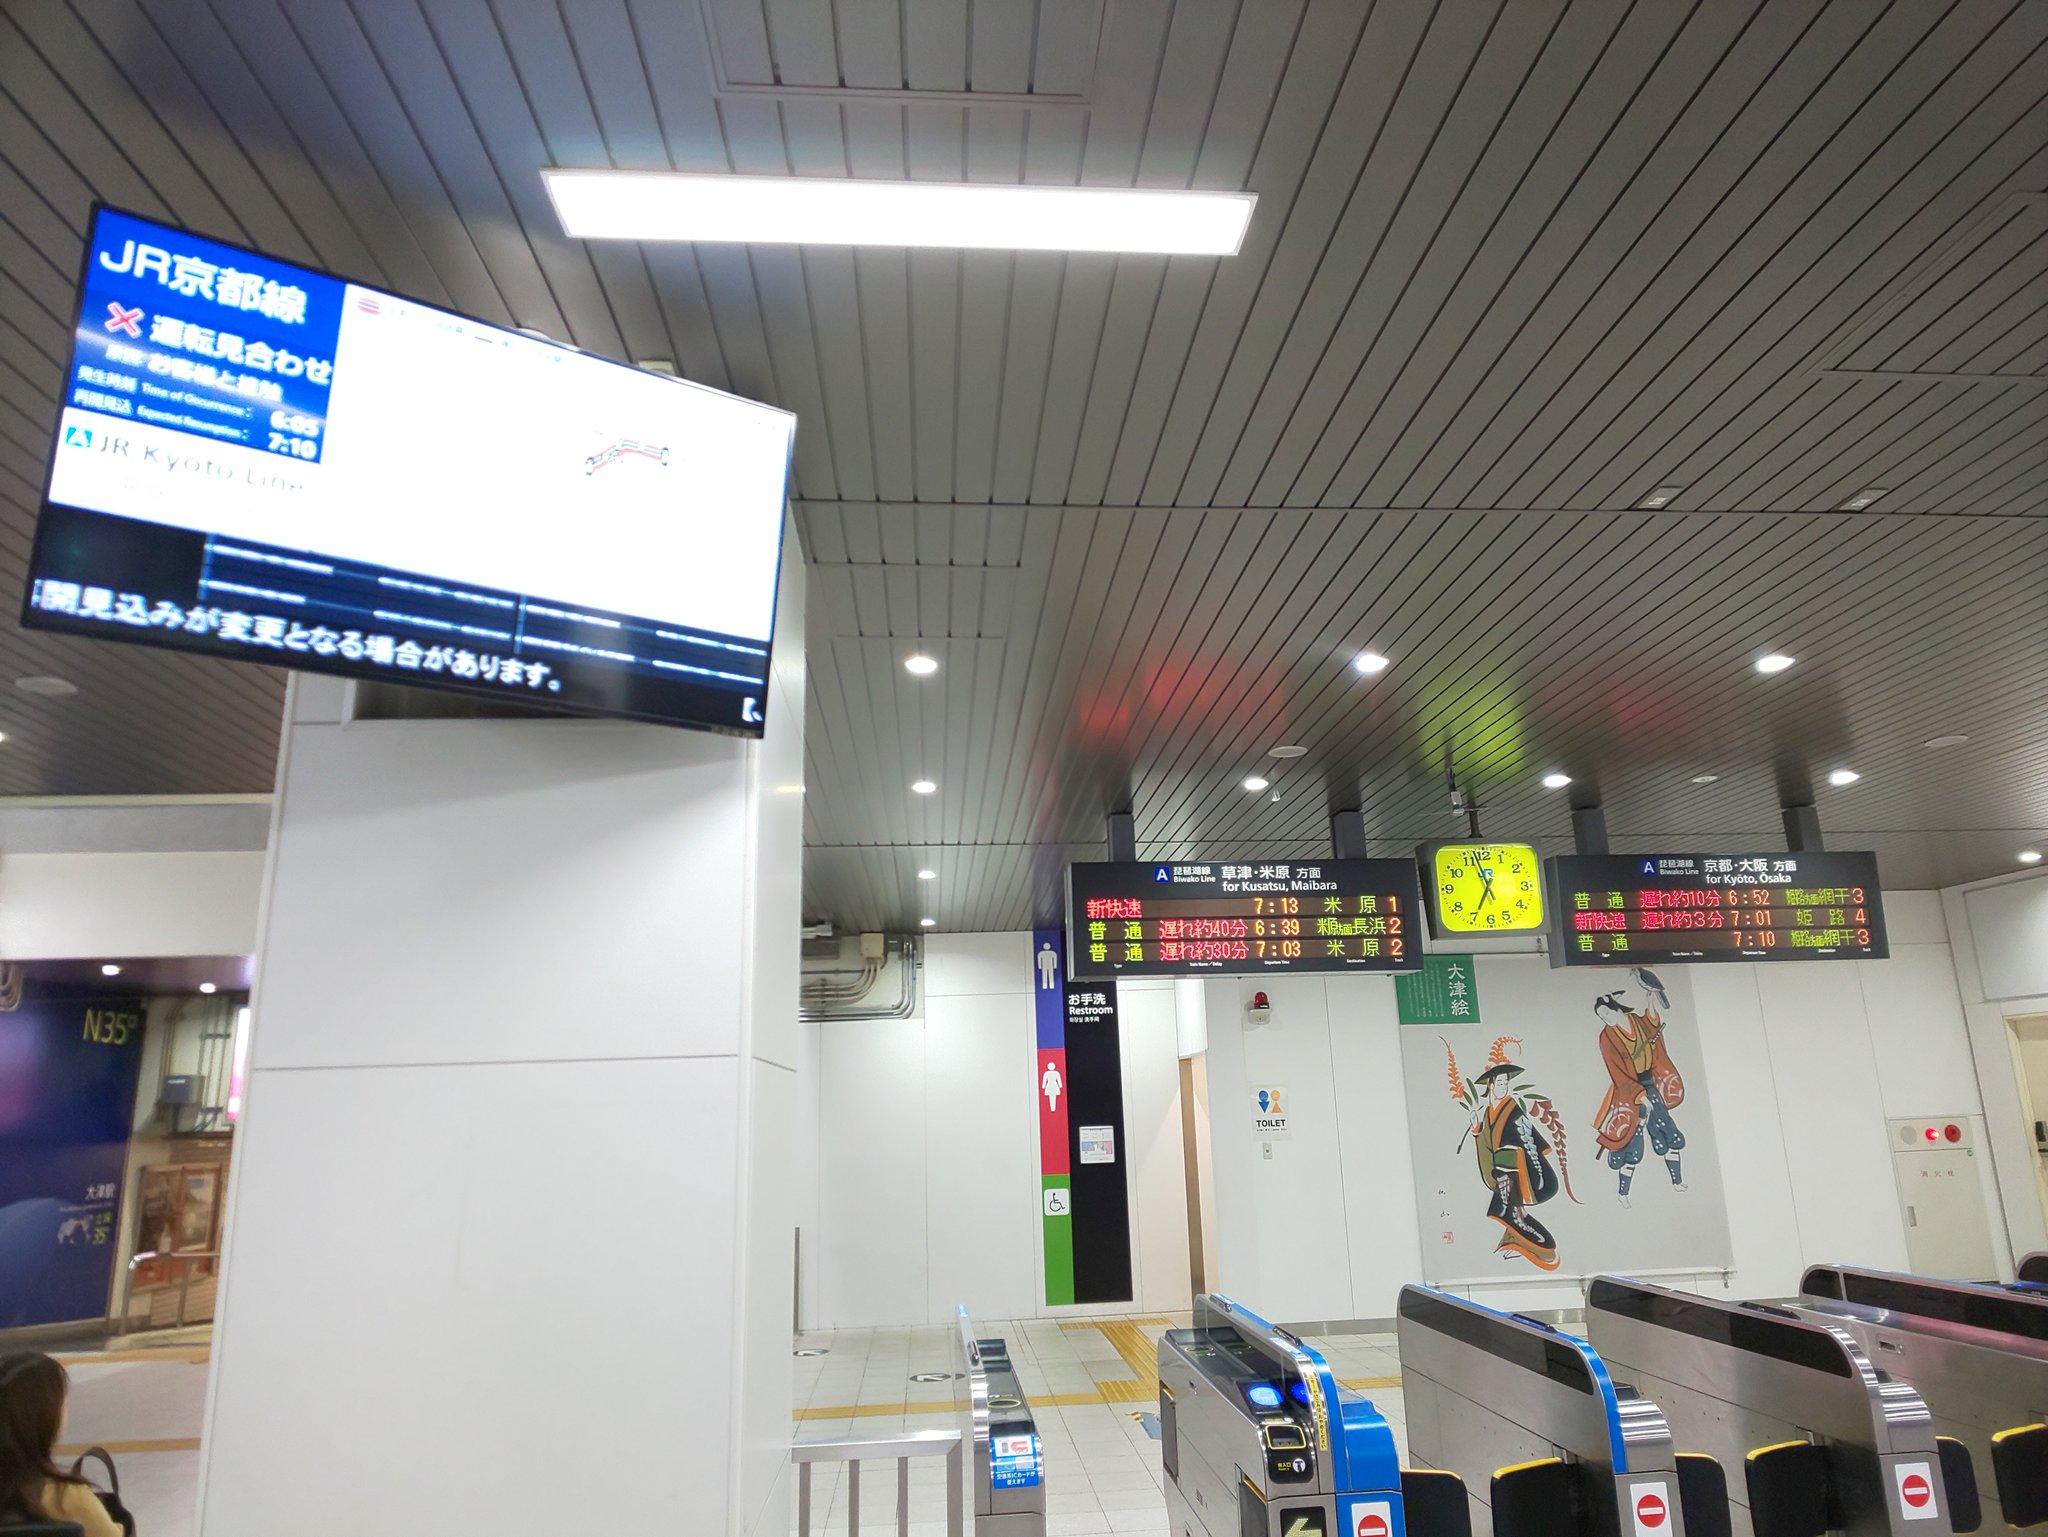 画像,JR琵琶湖線が人身事故で遅れています。草津米原方面の列車が大幅に遅れています。京都大阪方面も、茨木駅での人身事故のため、大阪駅まで運転出来ていないようです。7:…